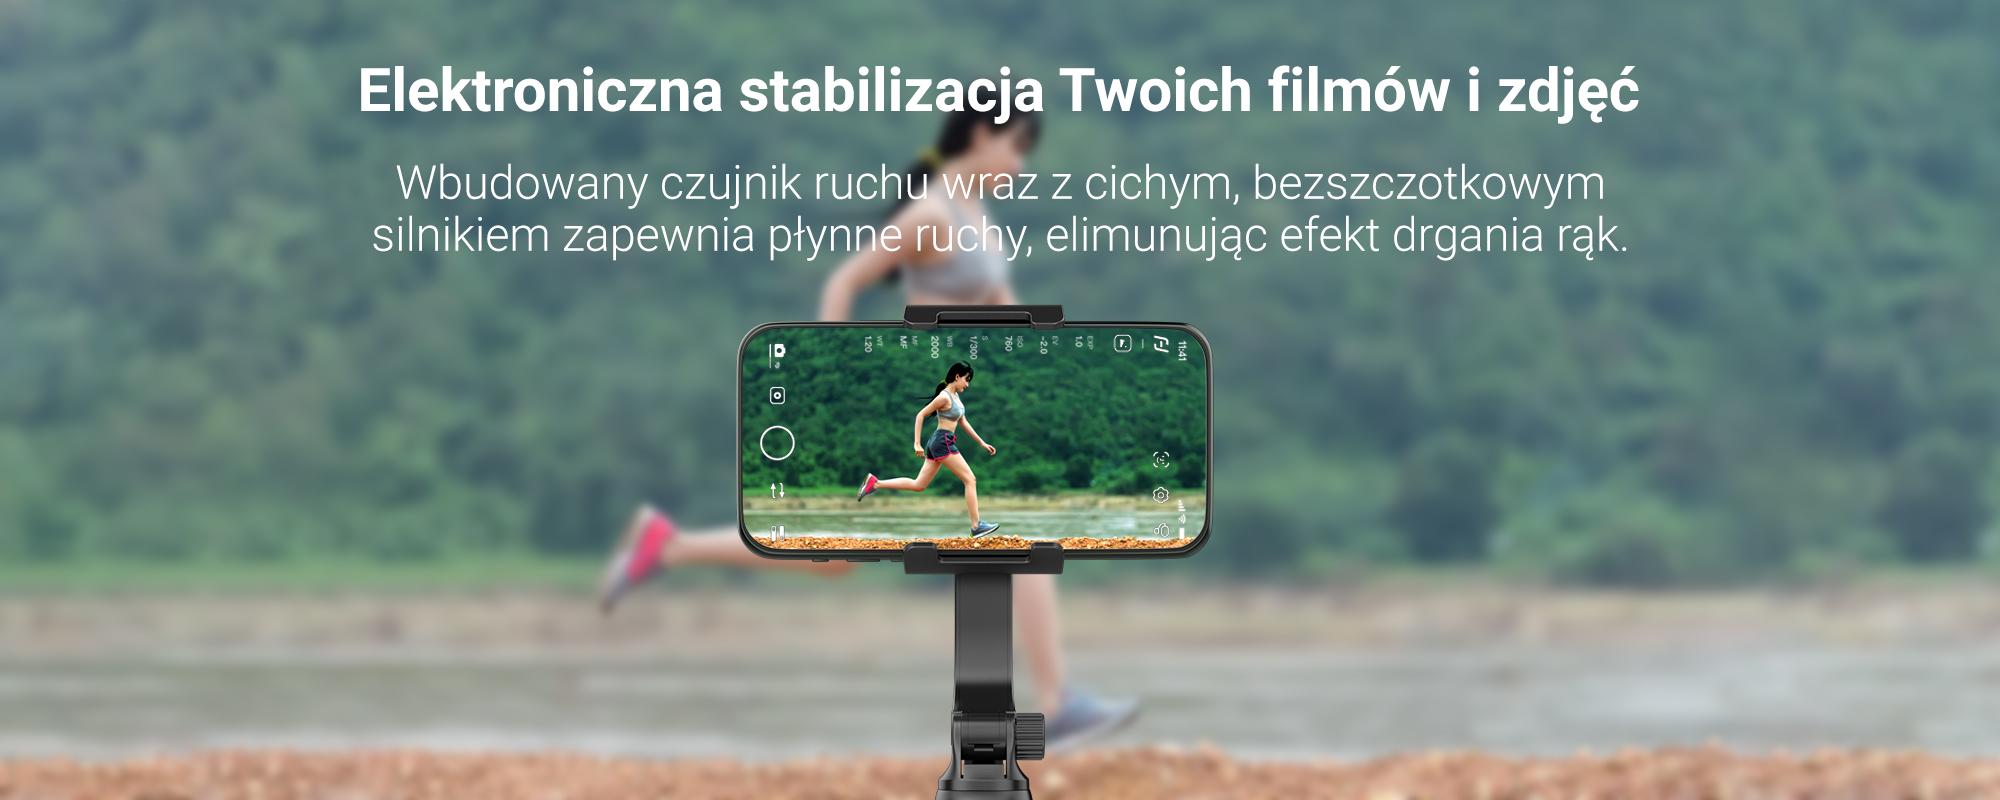 Dziewczyna nagrywa smartfonem umieszczonym na gimbalu widoki pokazujace urok miasta